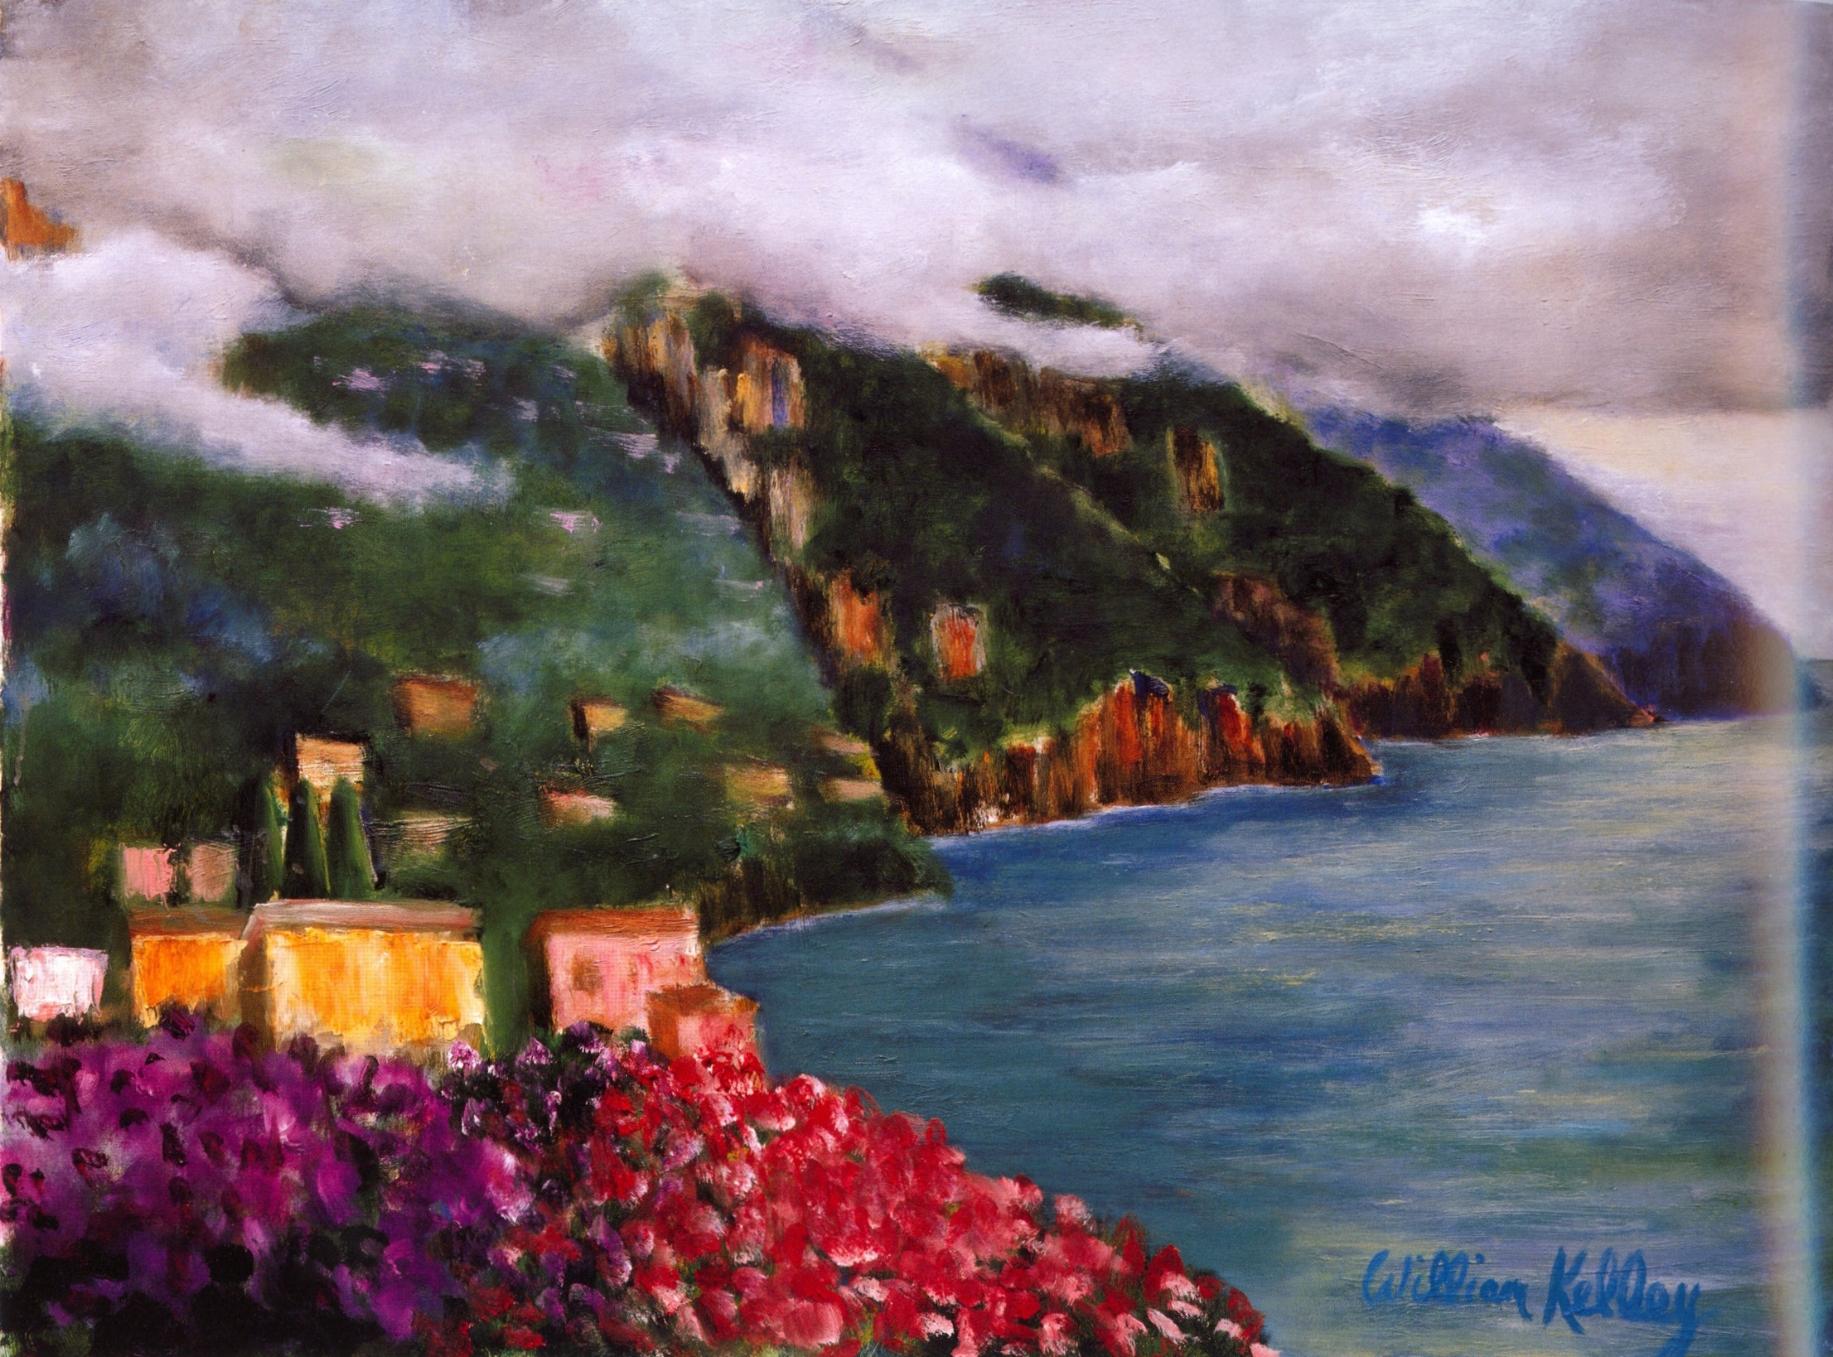 Vista Casa d'Elissa, Positano   Oil on canvas, 24'' x 32'', 2004